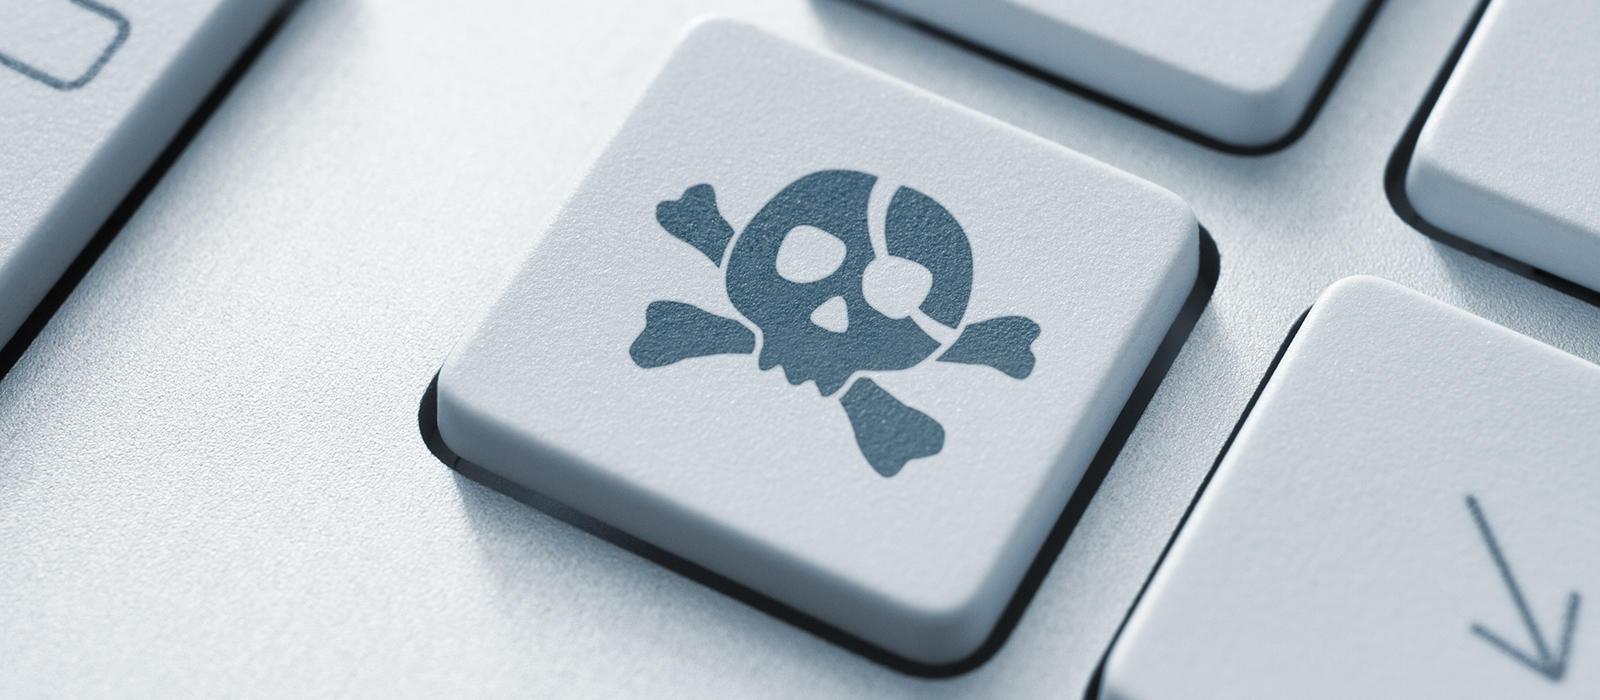 Νέες ιστοσελίδες στη μαύρη λίστα των «πειρατικών» ιστοσελίδων στην Ελλάδα